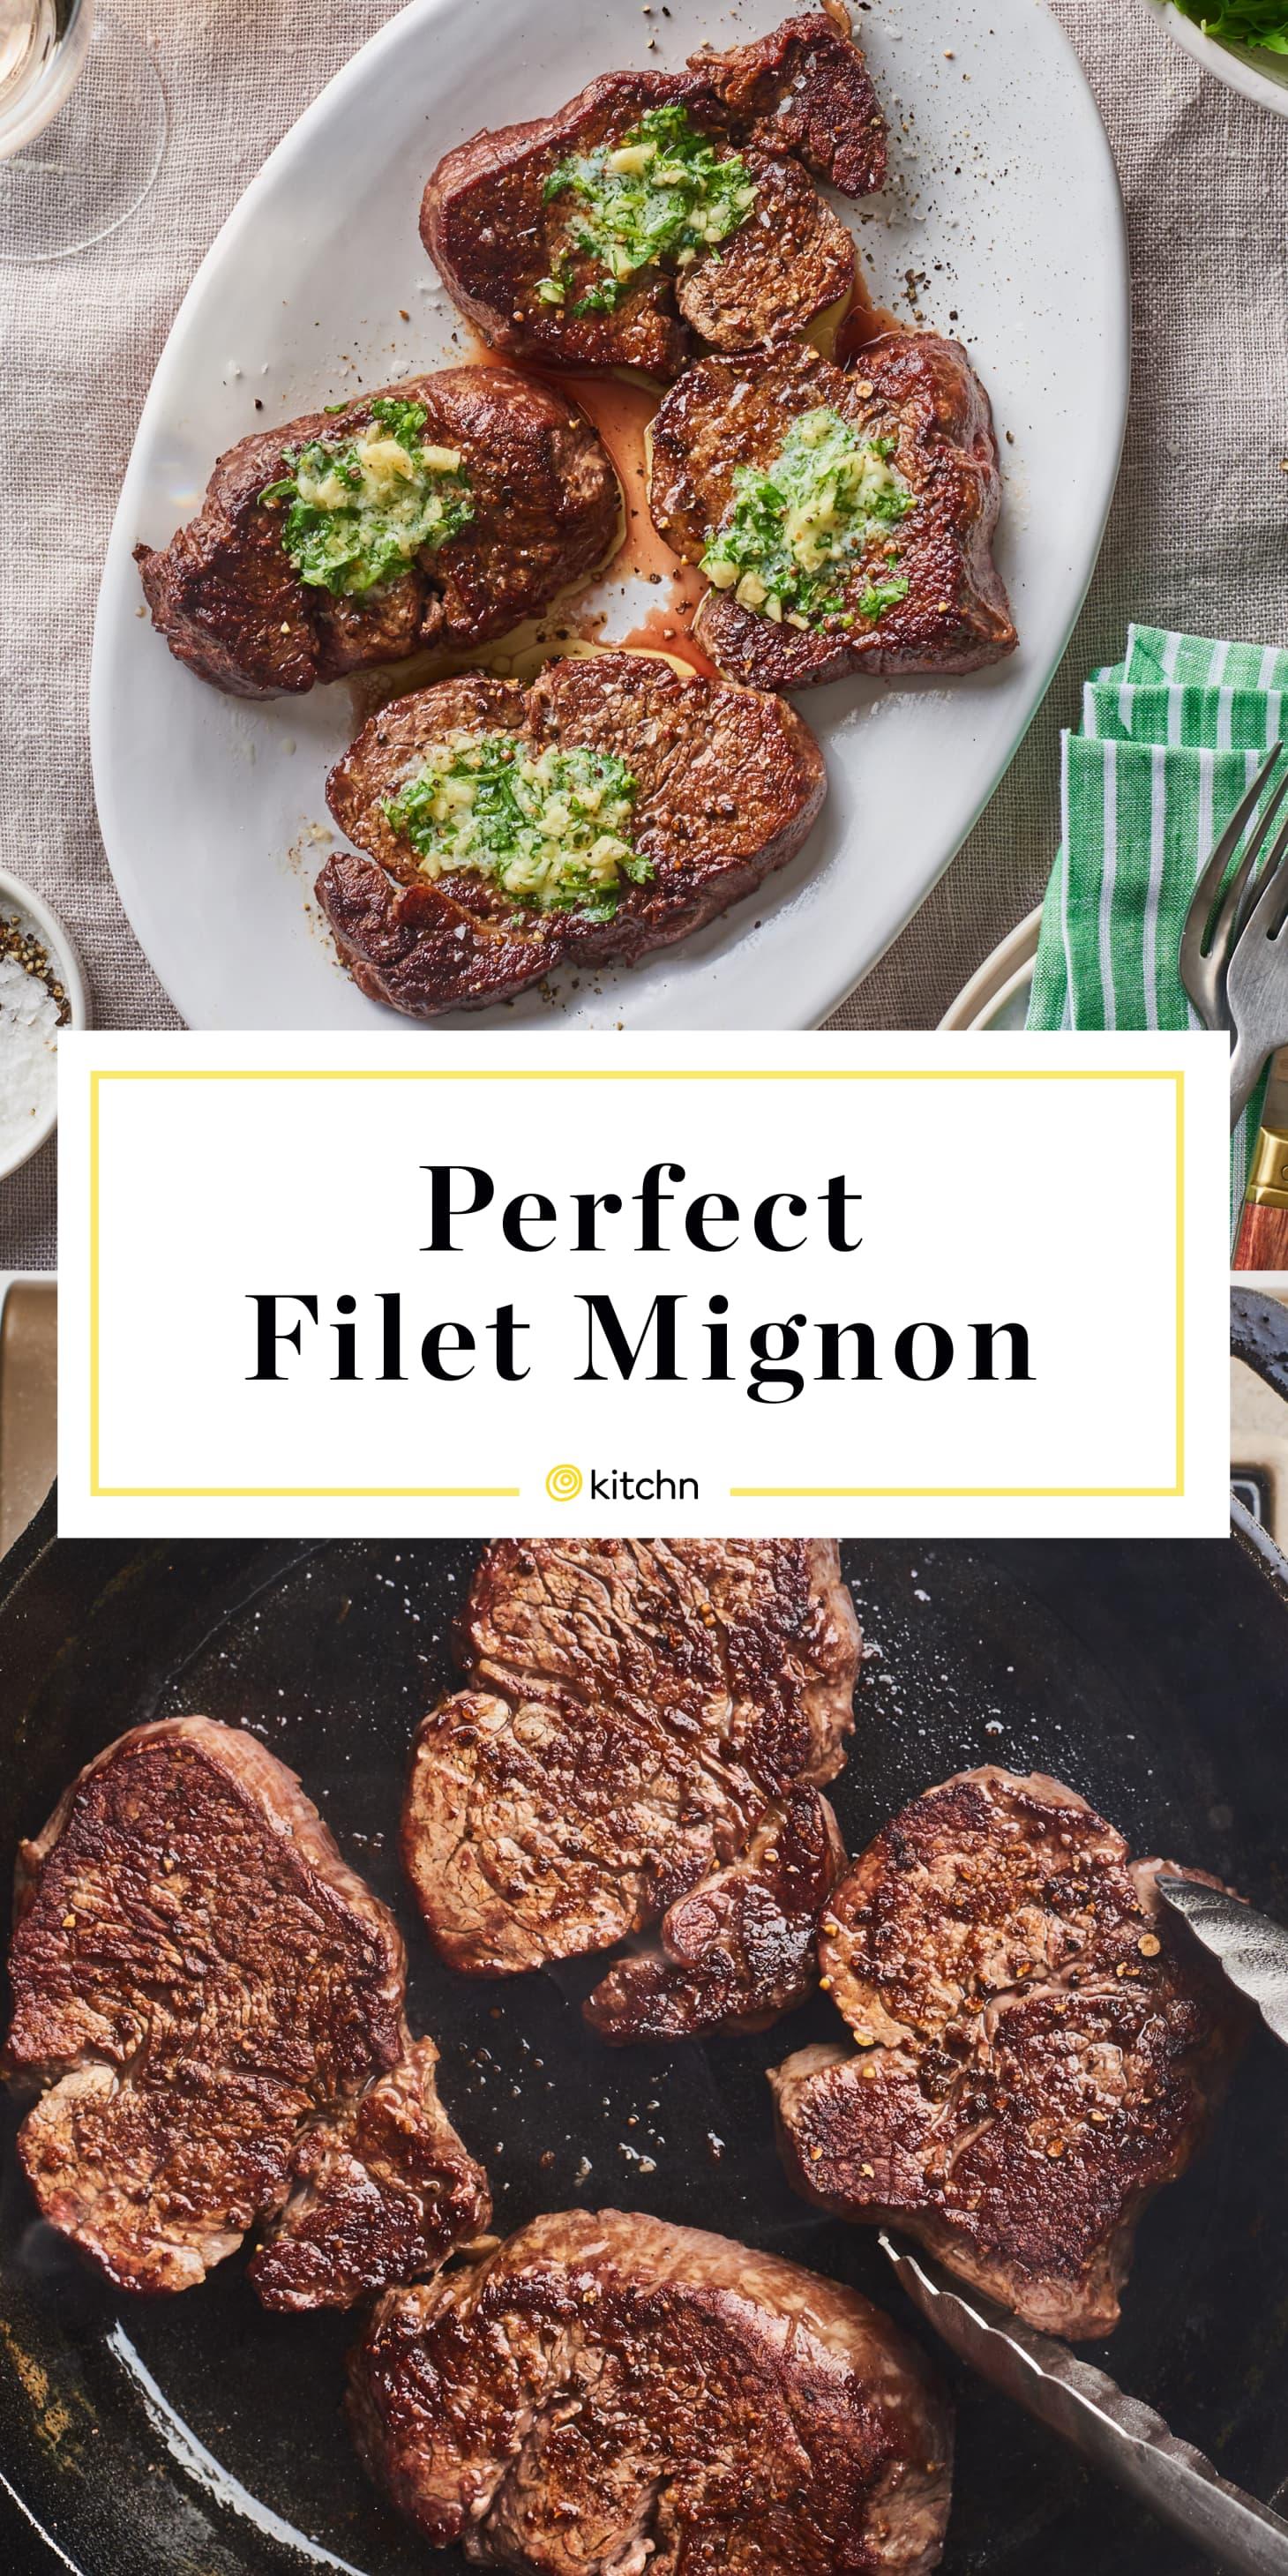 The Perfect Filet Mignon Recipe Kitchn